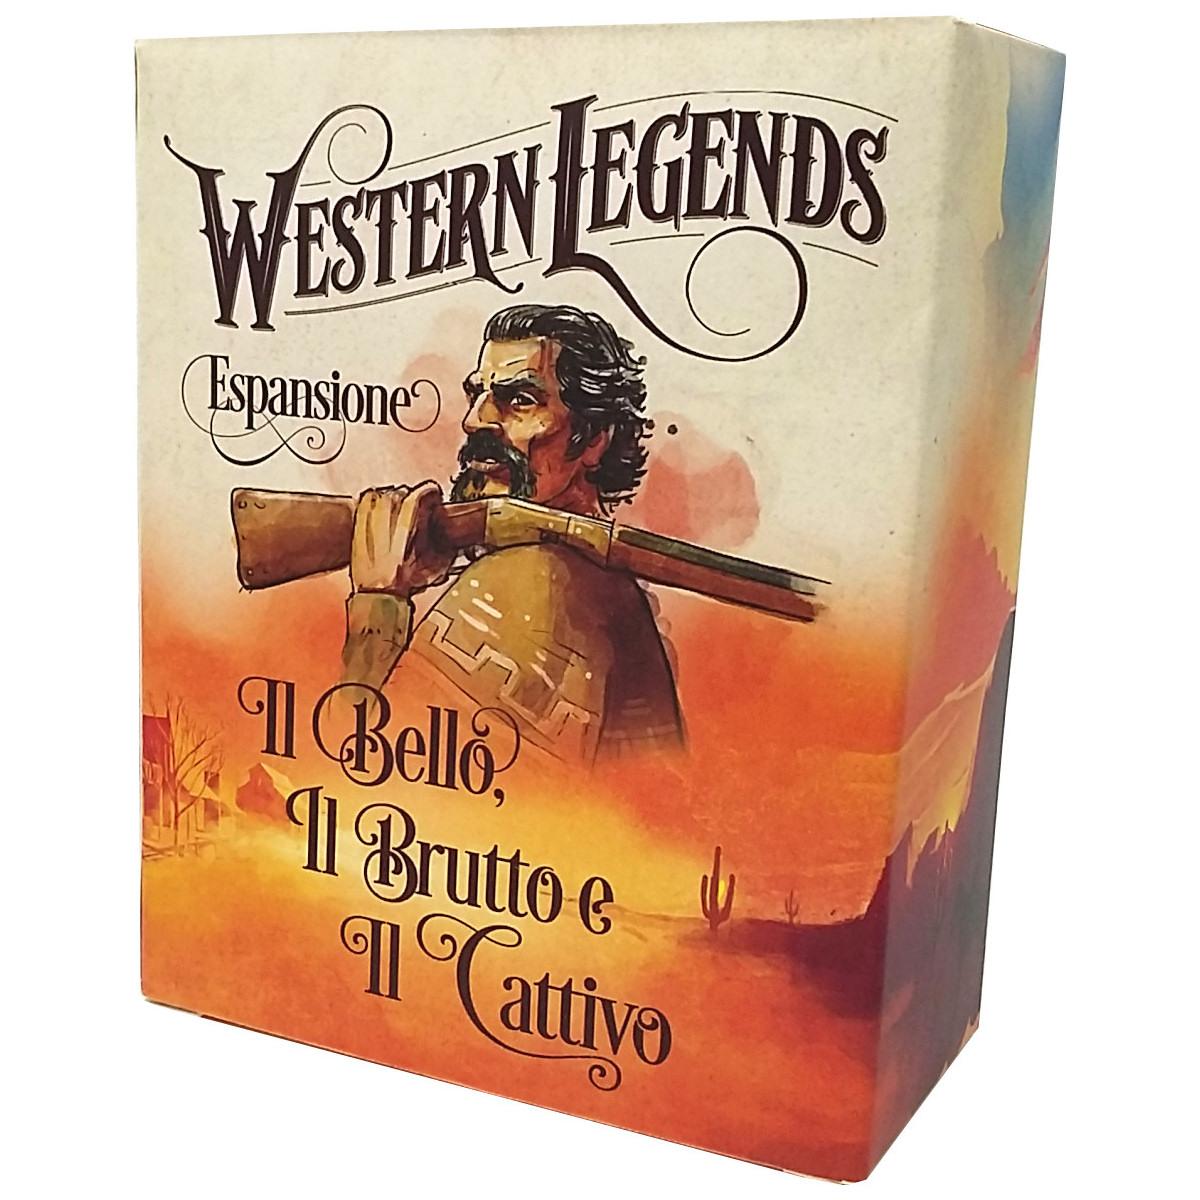 WESTERN LEGENDS - IL BELLO, IL BRUTTO E IL CATTIVO - ESPANSIONE